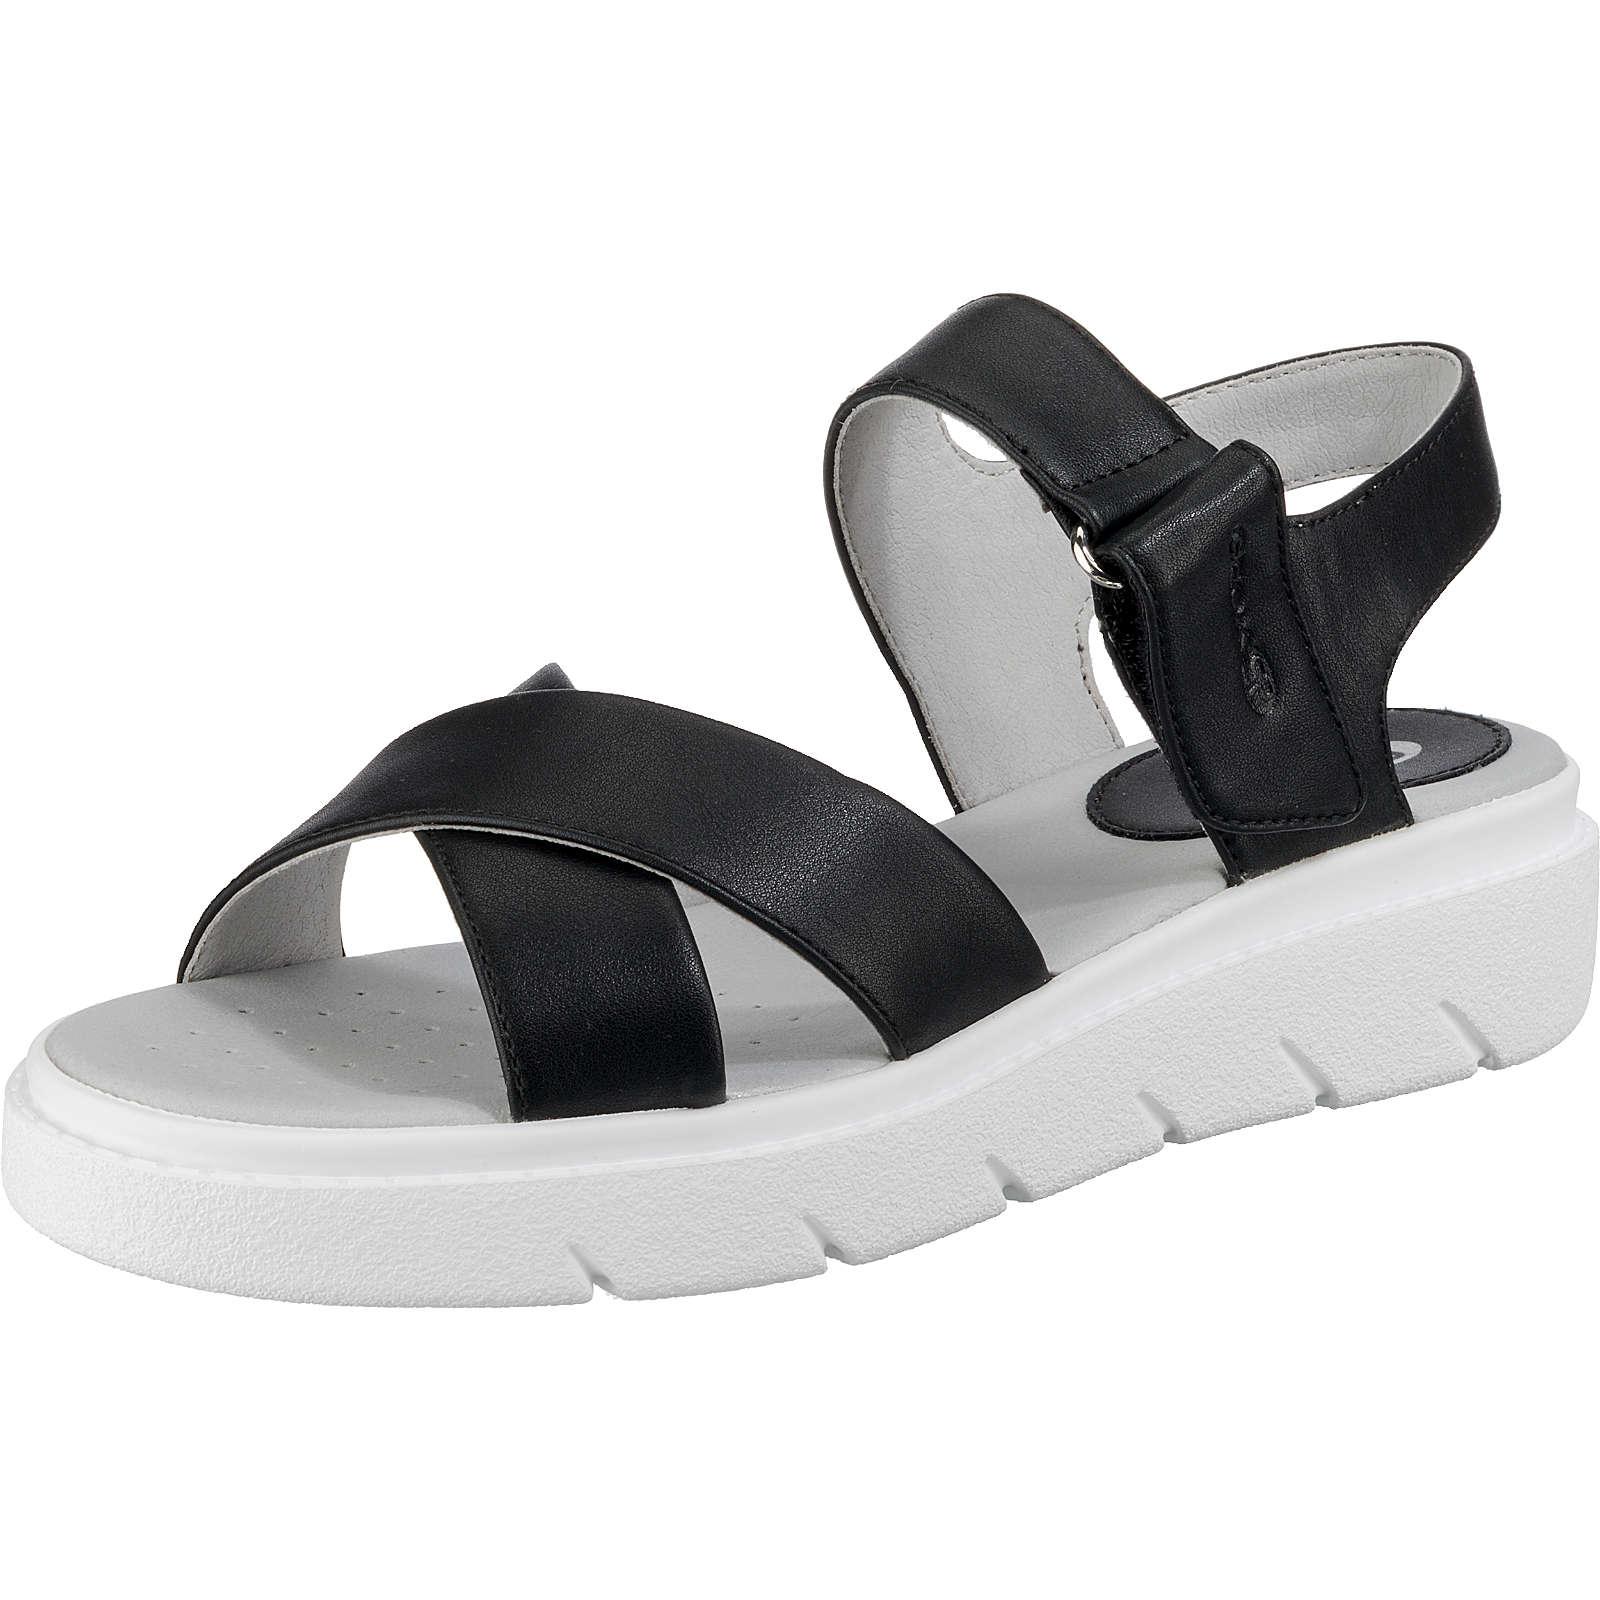 GEOX Klassische Sandalen schwarz Damen Gr. 37